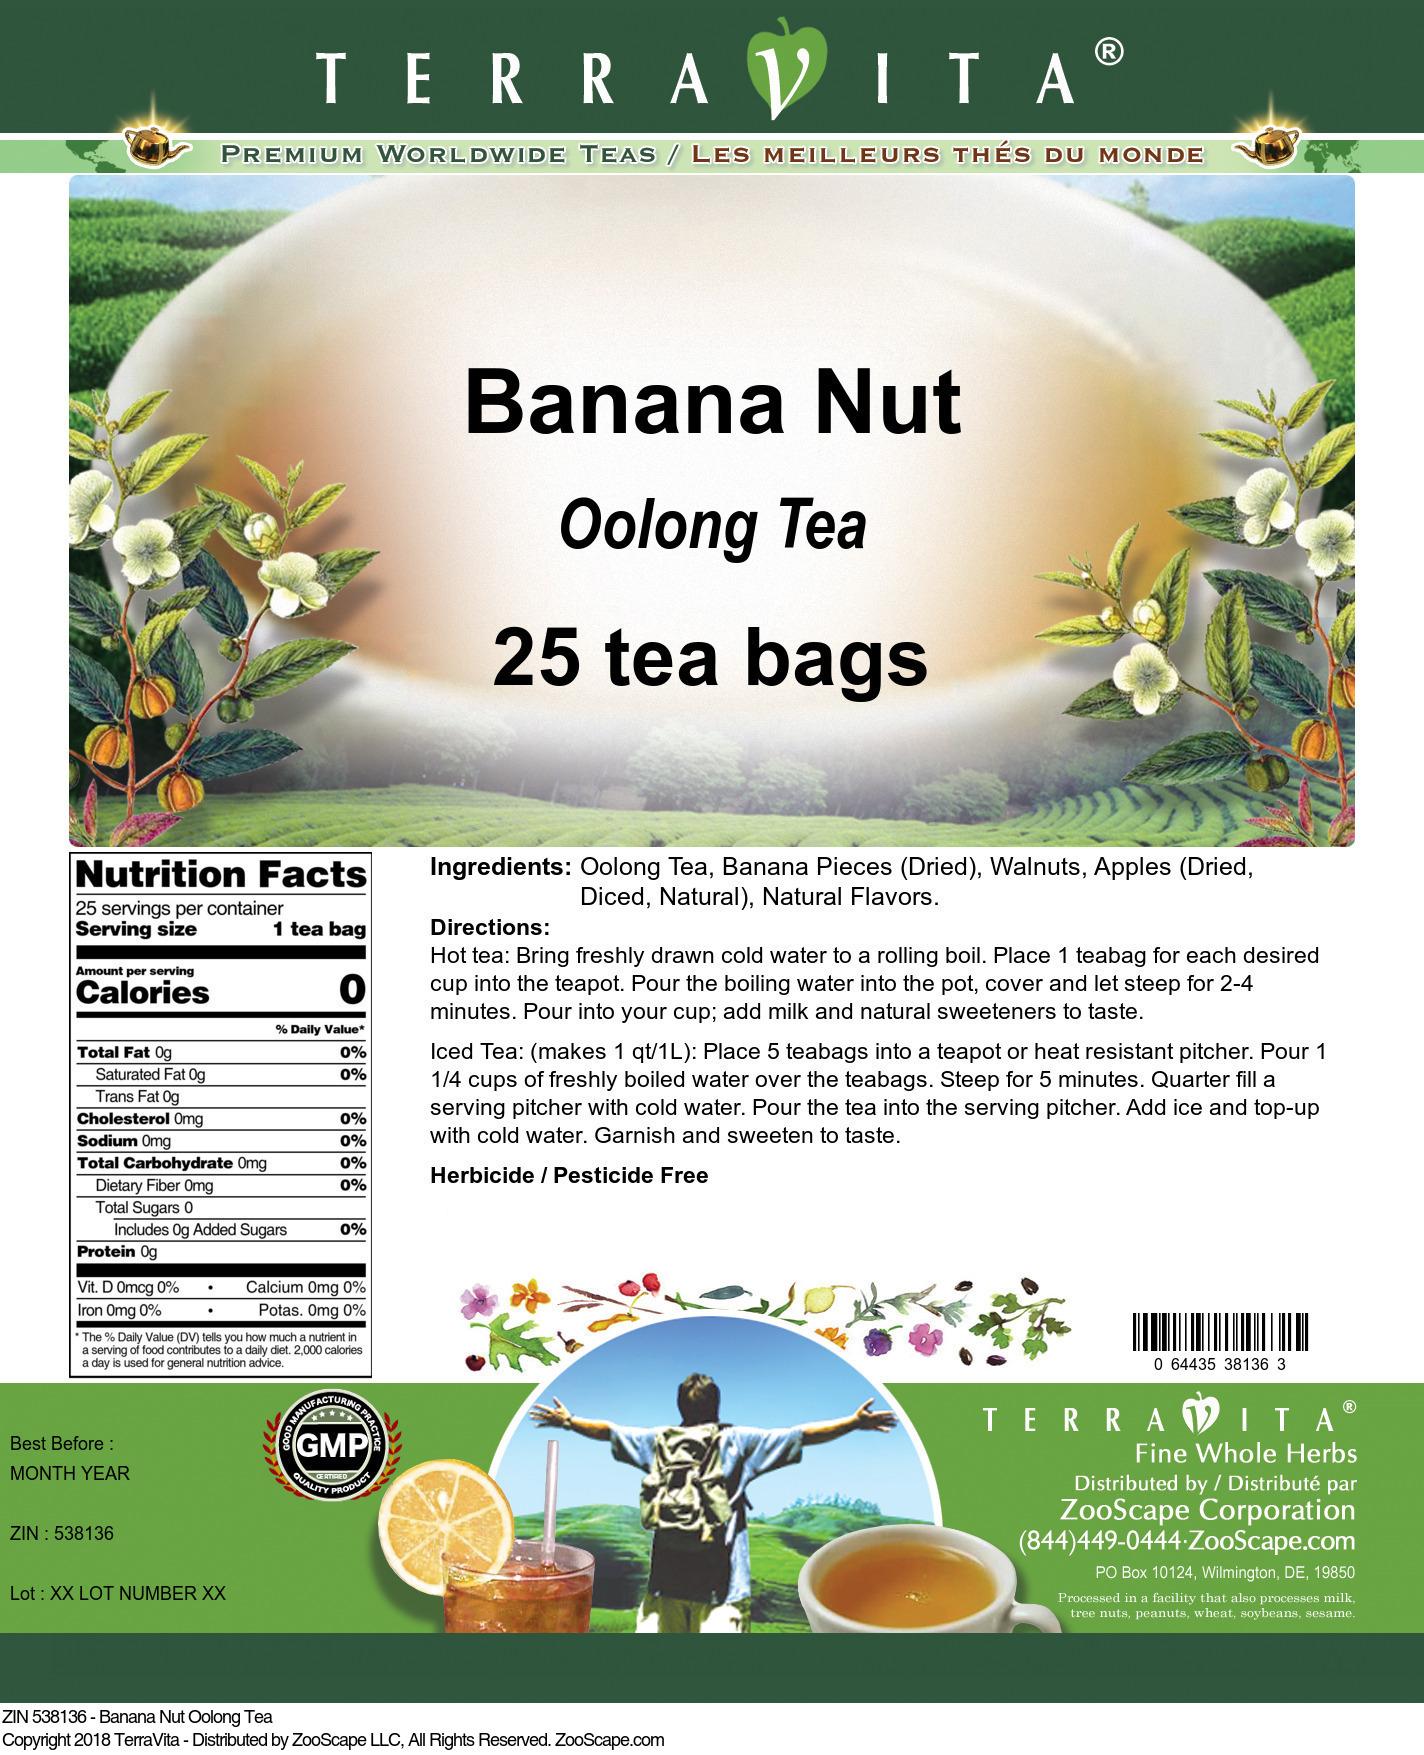 Banana Nut Oolong Tea